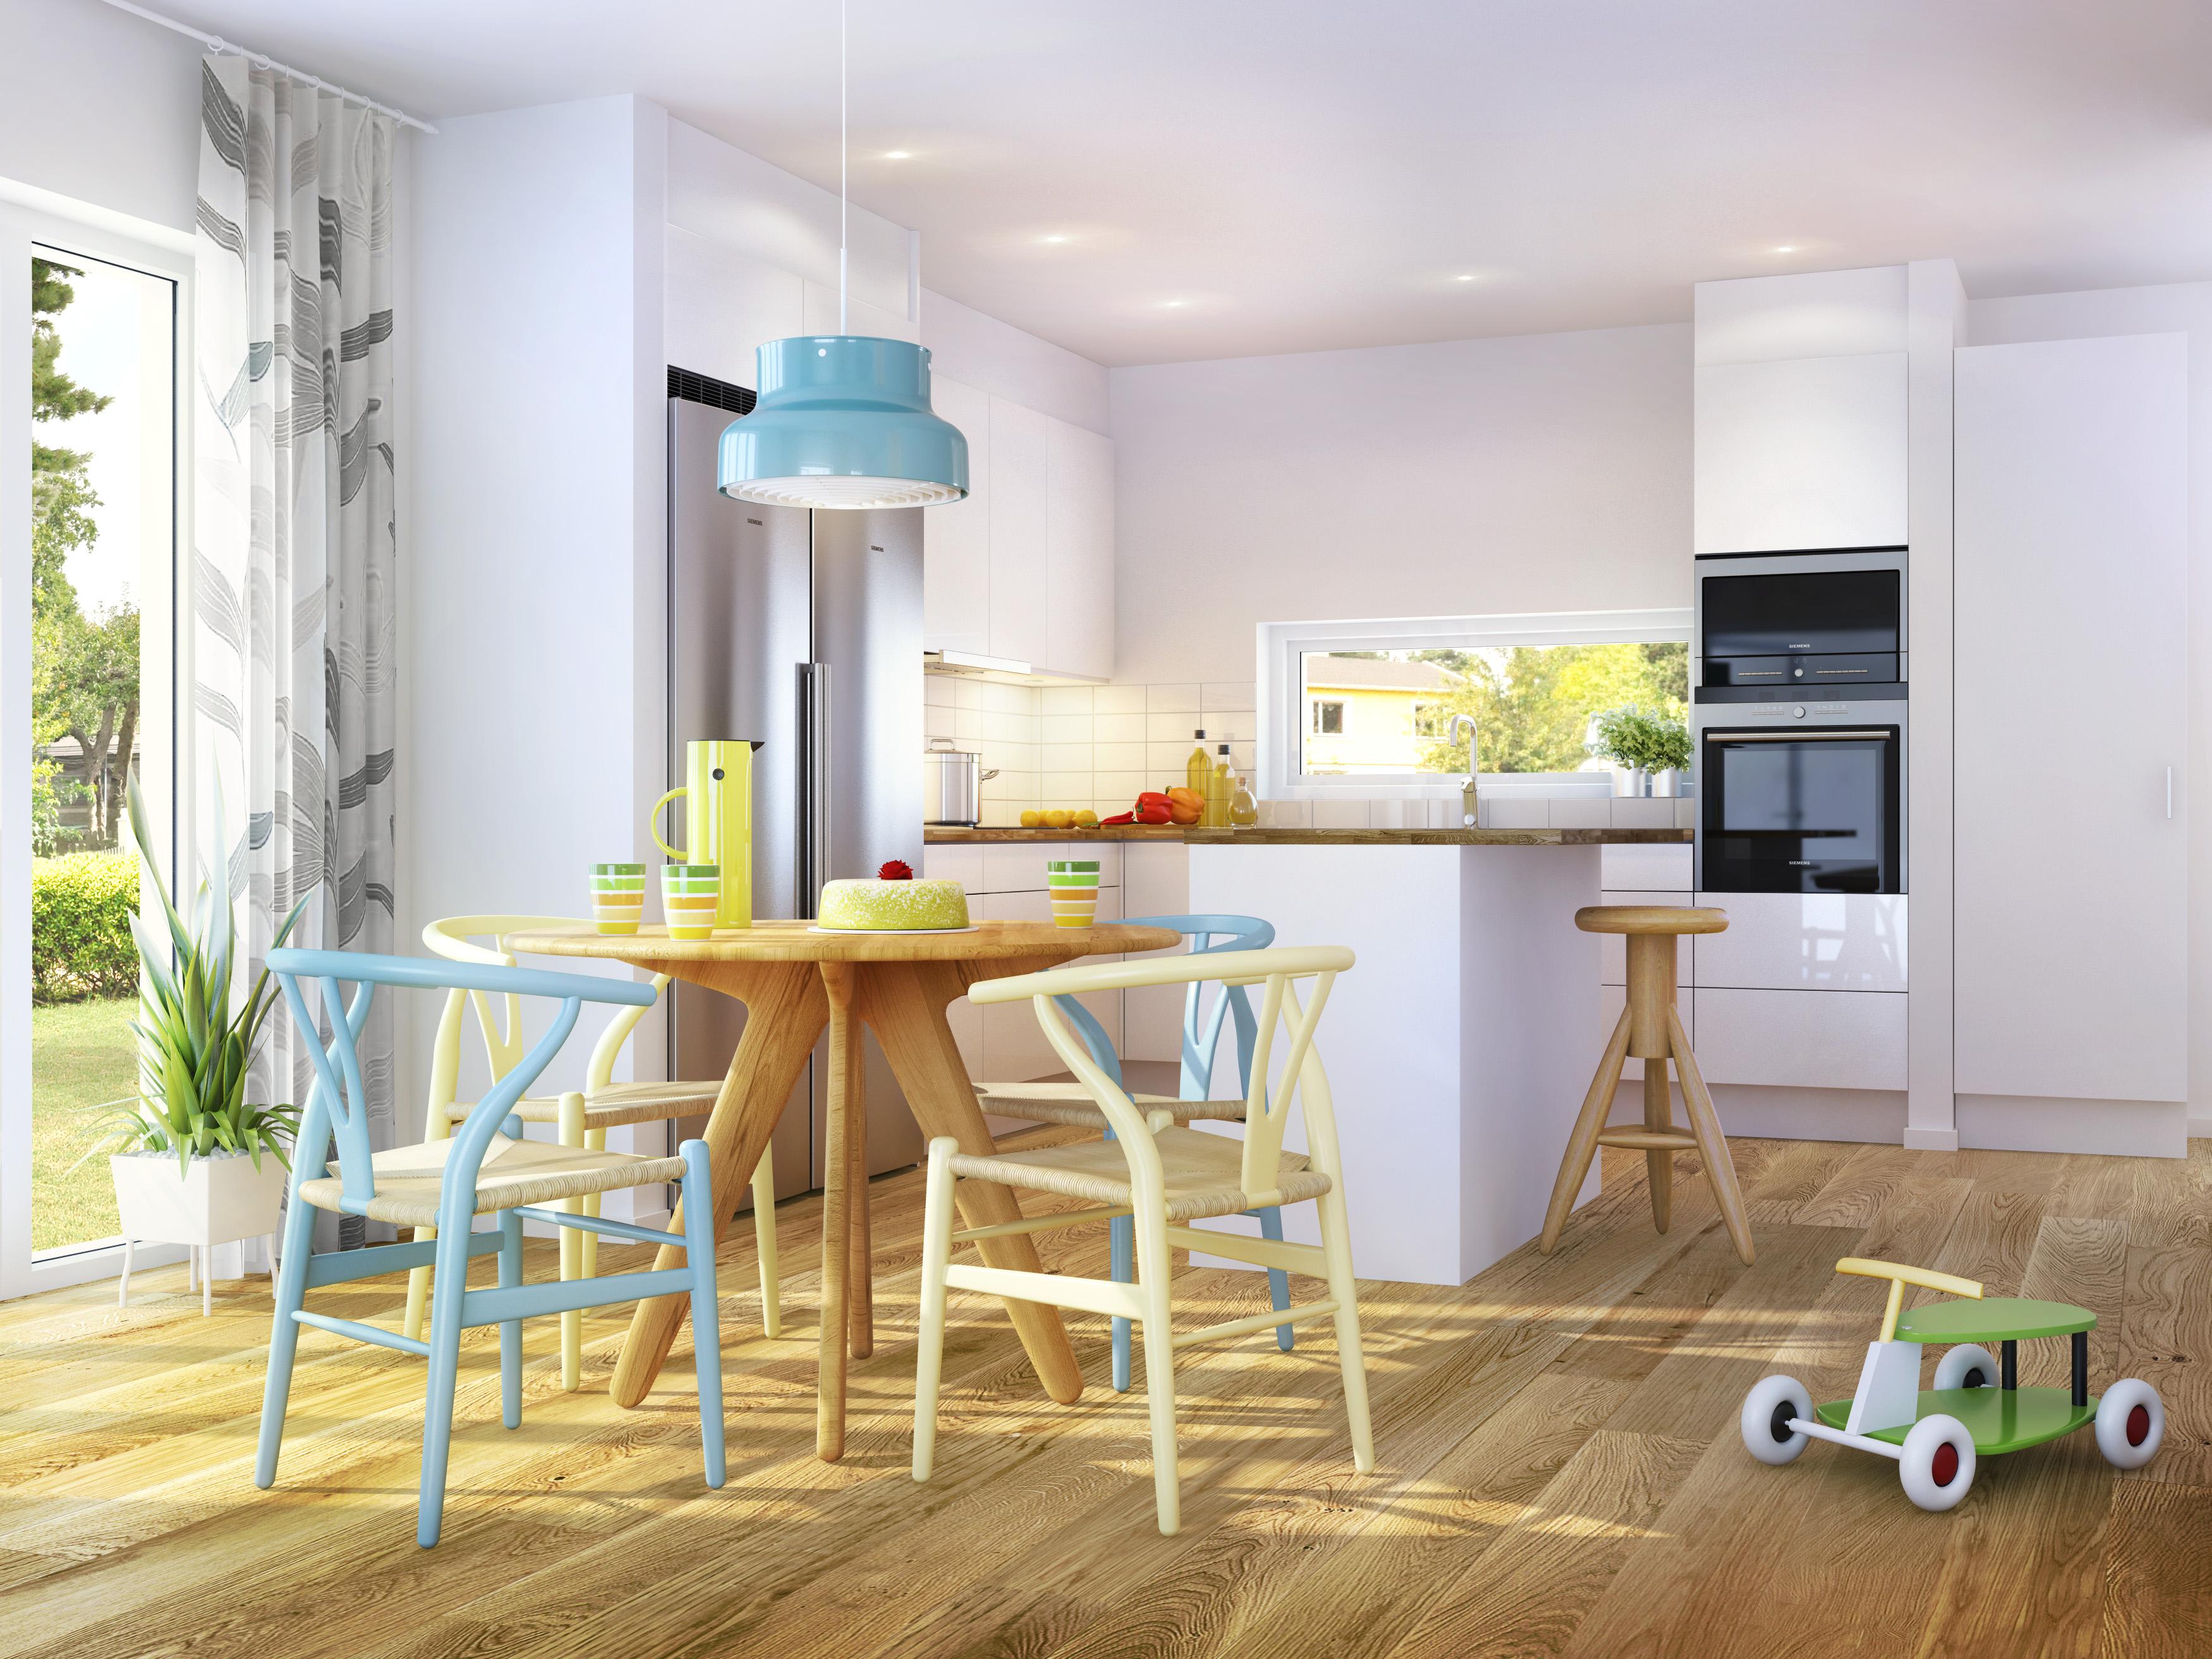 Tendern_kitchen